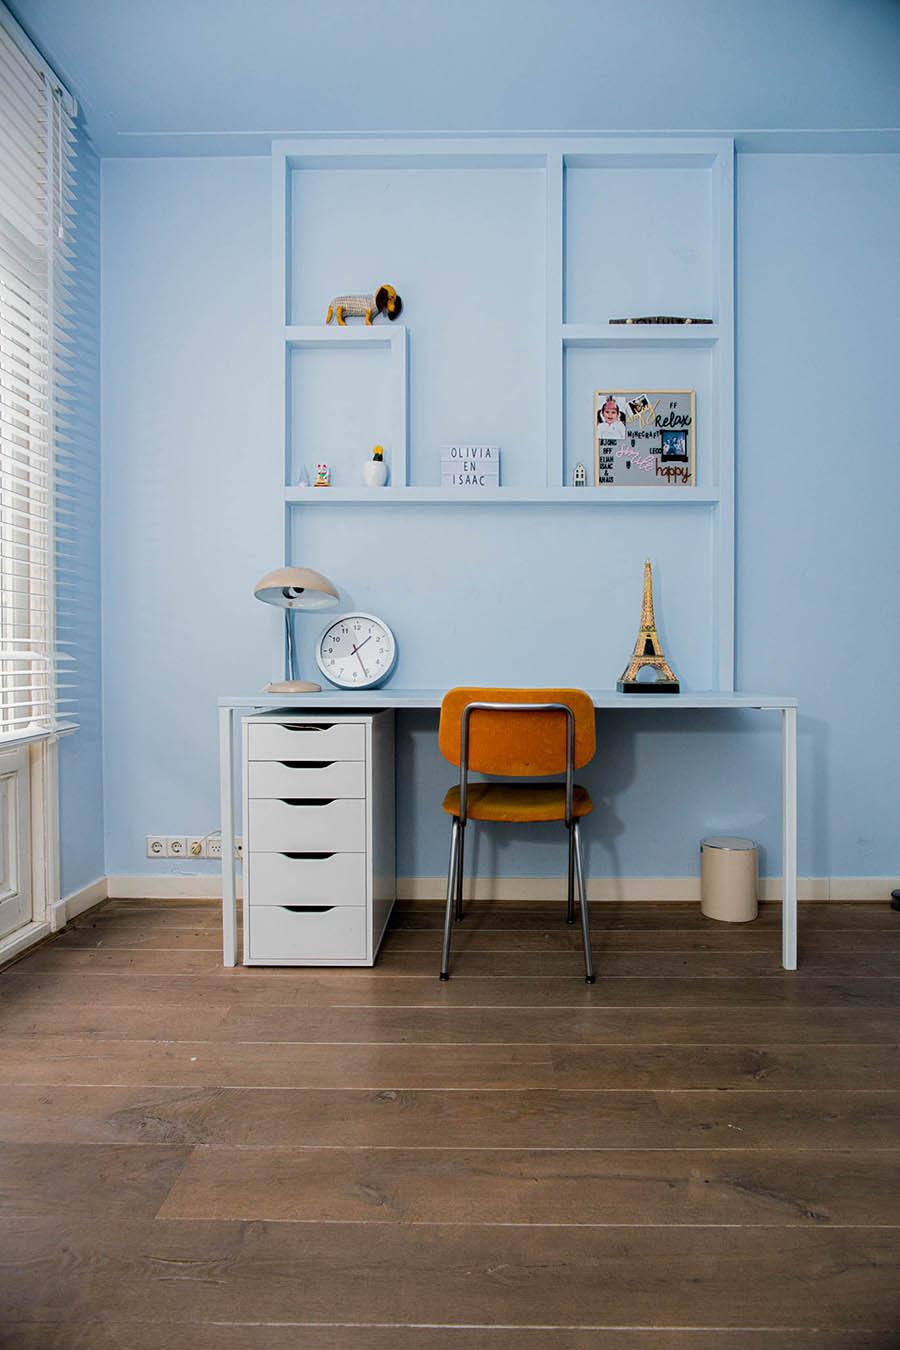 Kinderkamer op maat - detail bureau met wandvakken